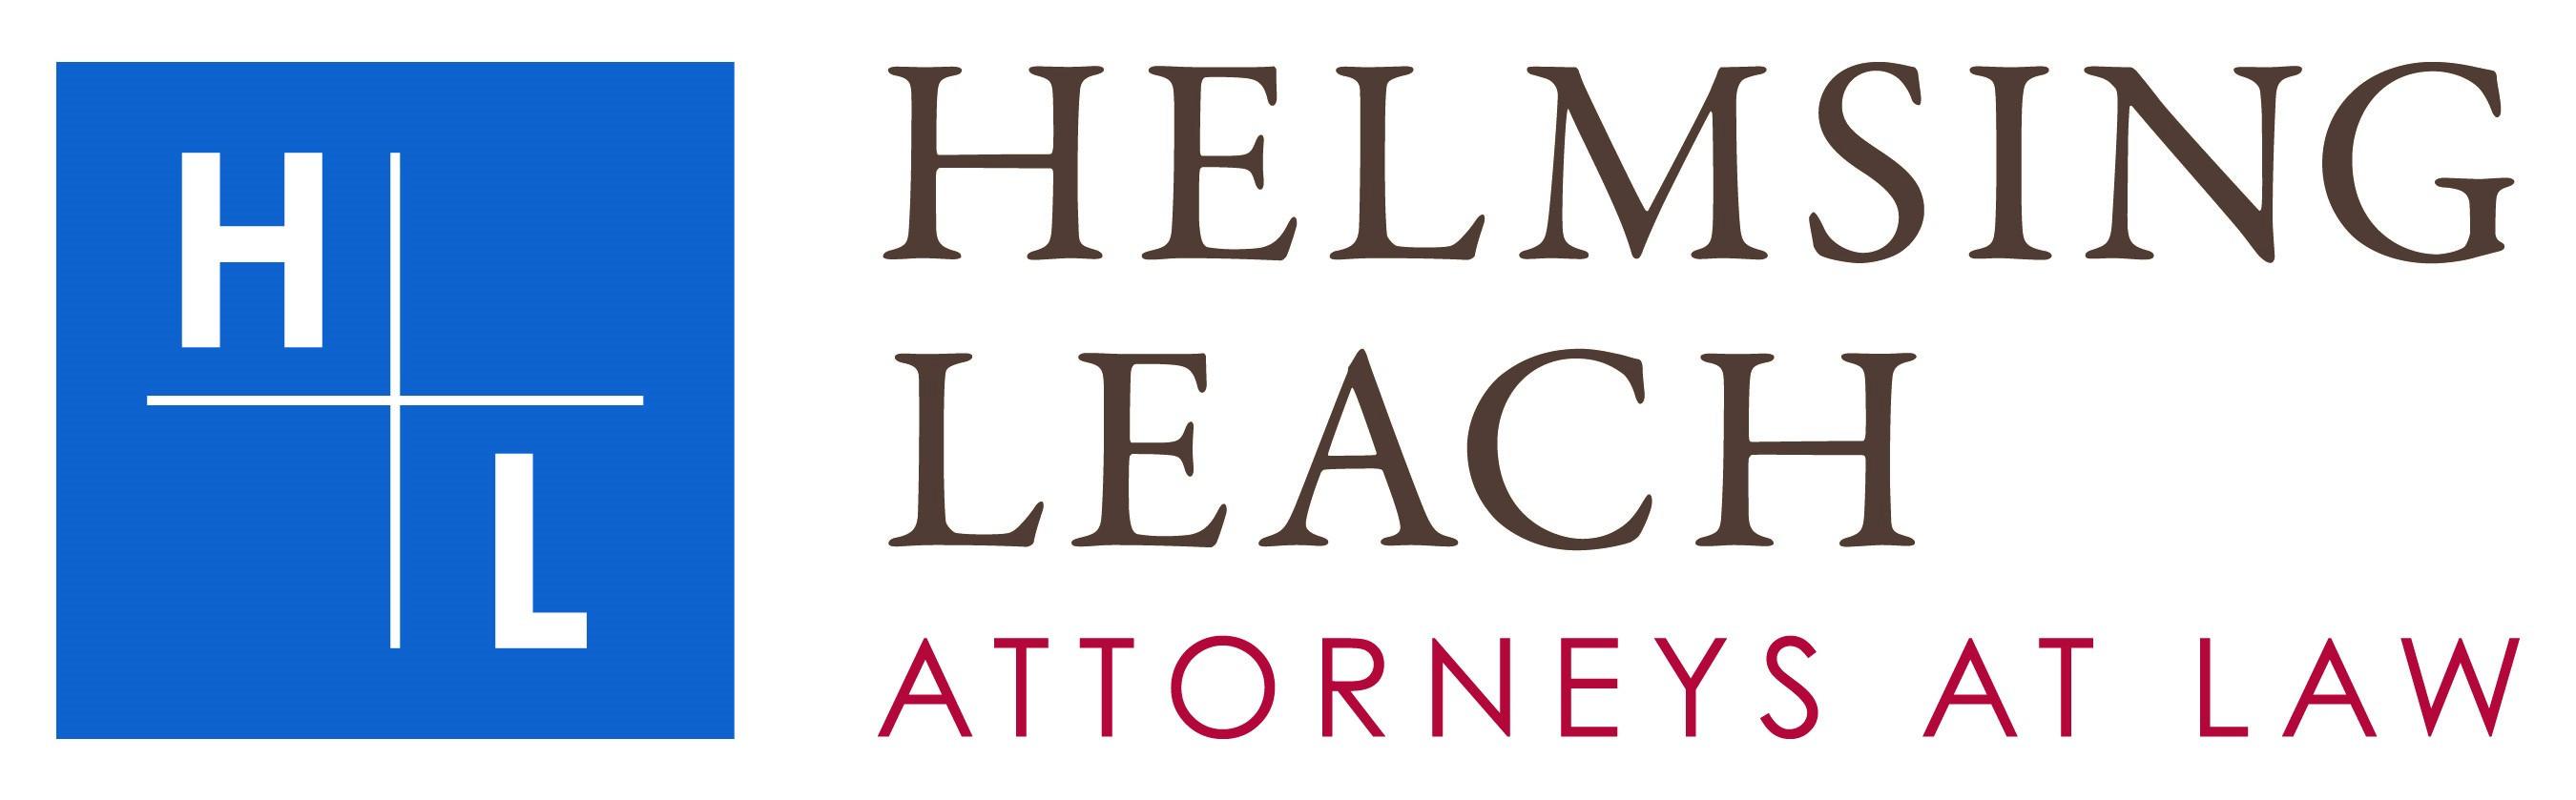 Helming Leach